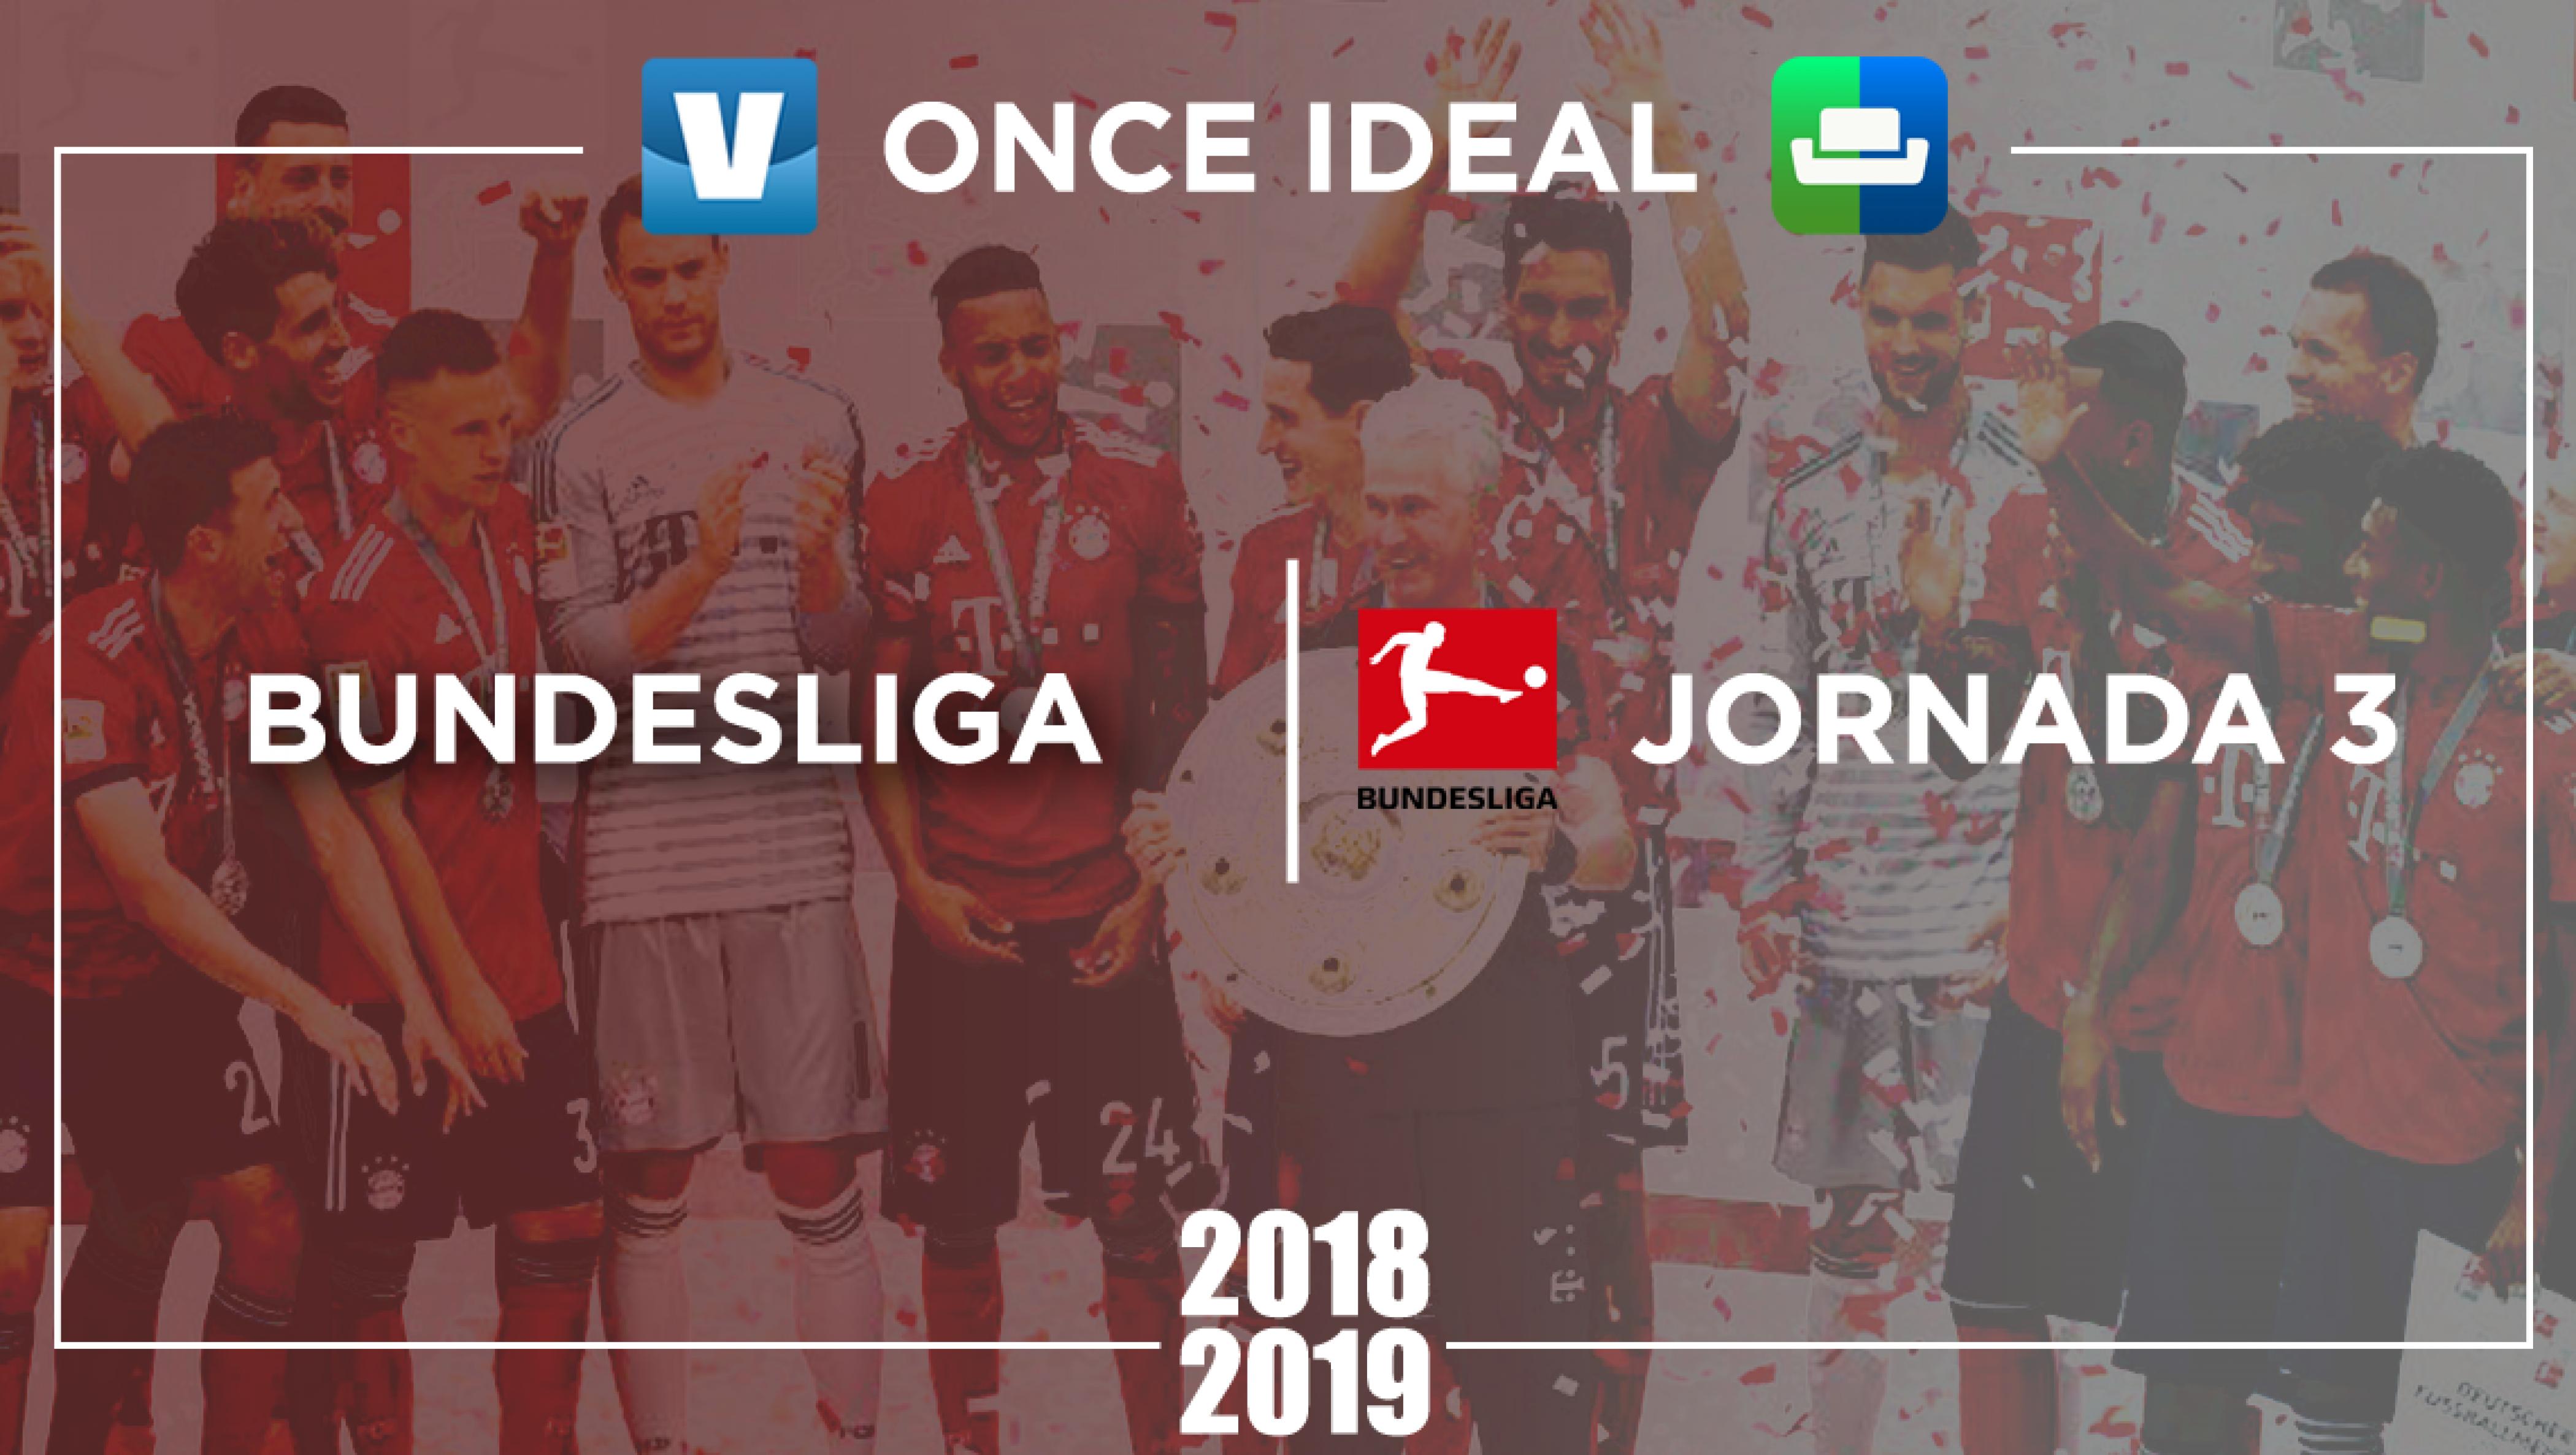 Once ideal de la Bundesliga sofascore de la 3° jornada